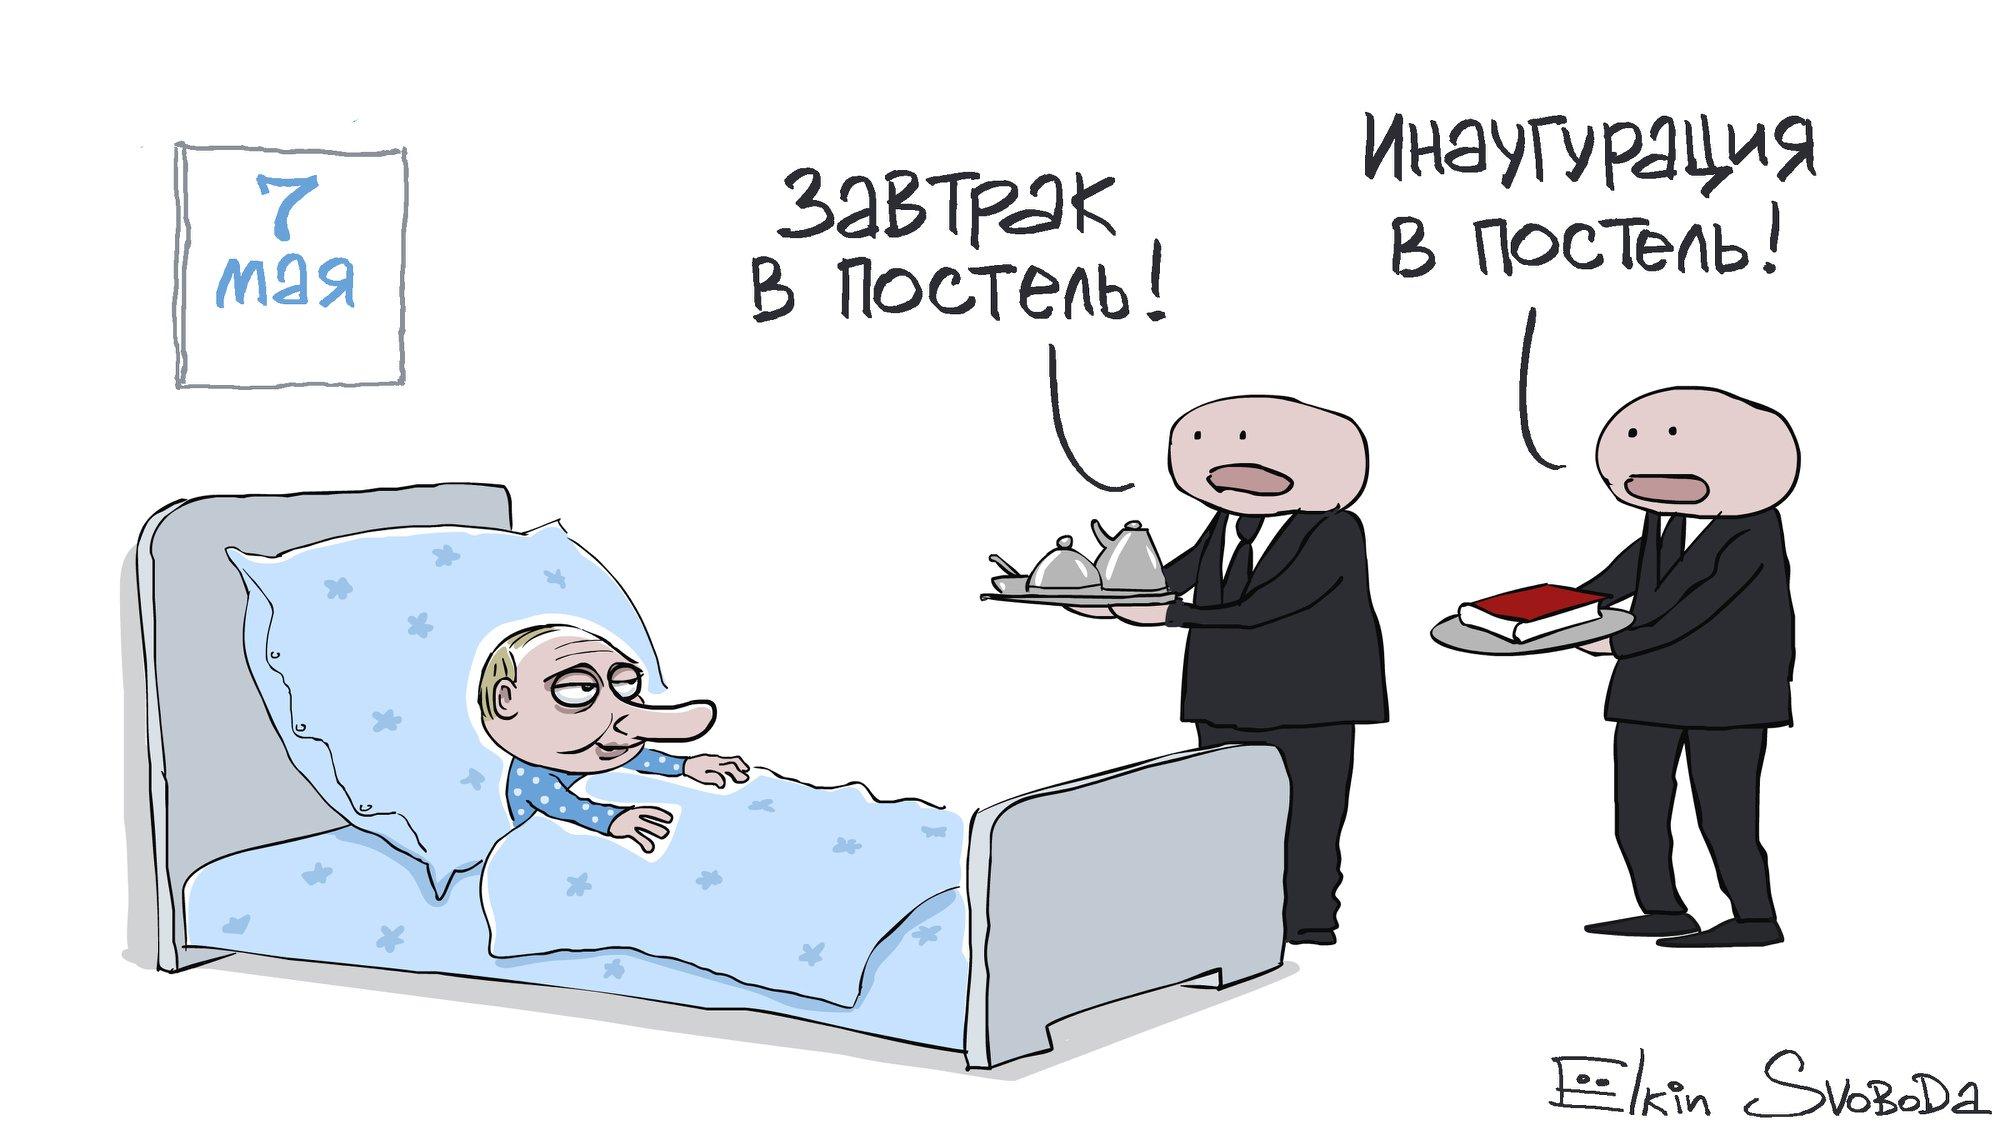 """Социолог Сергей Белановский: """"Мы все опять становимся специалистами по загниванию"""""""